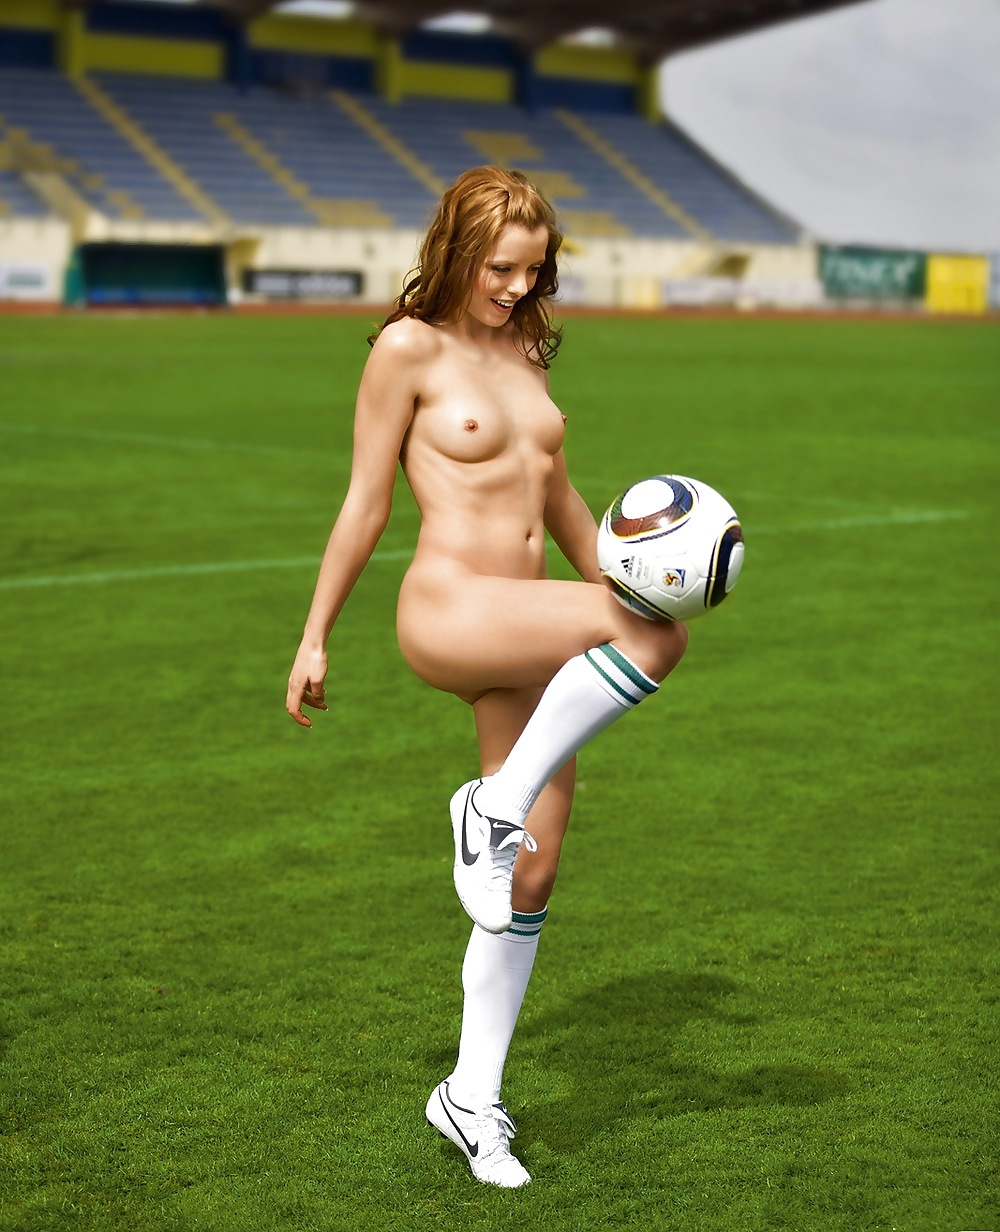 amerikanskiy-zhenskiy-futbol-foto-goloy-komandi-porno-delovie-devushki